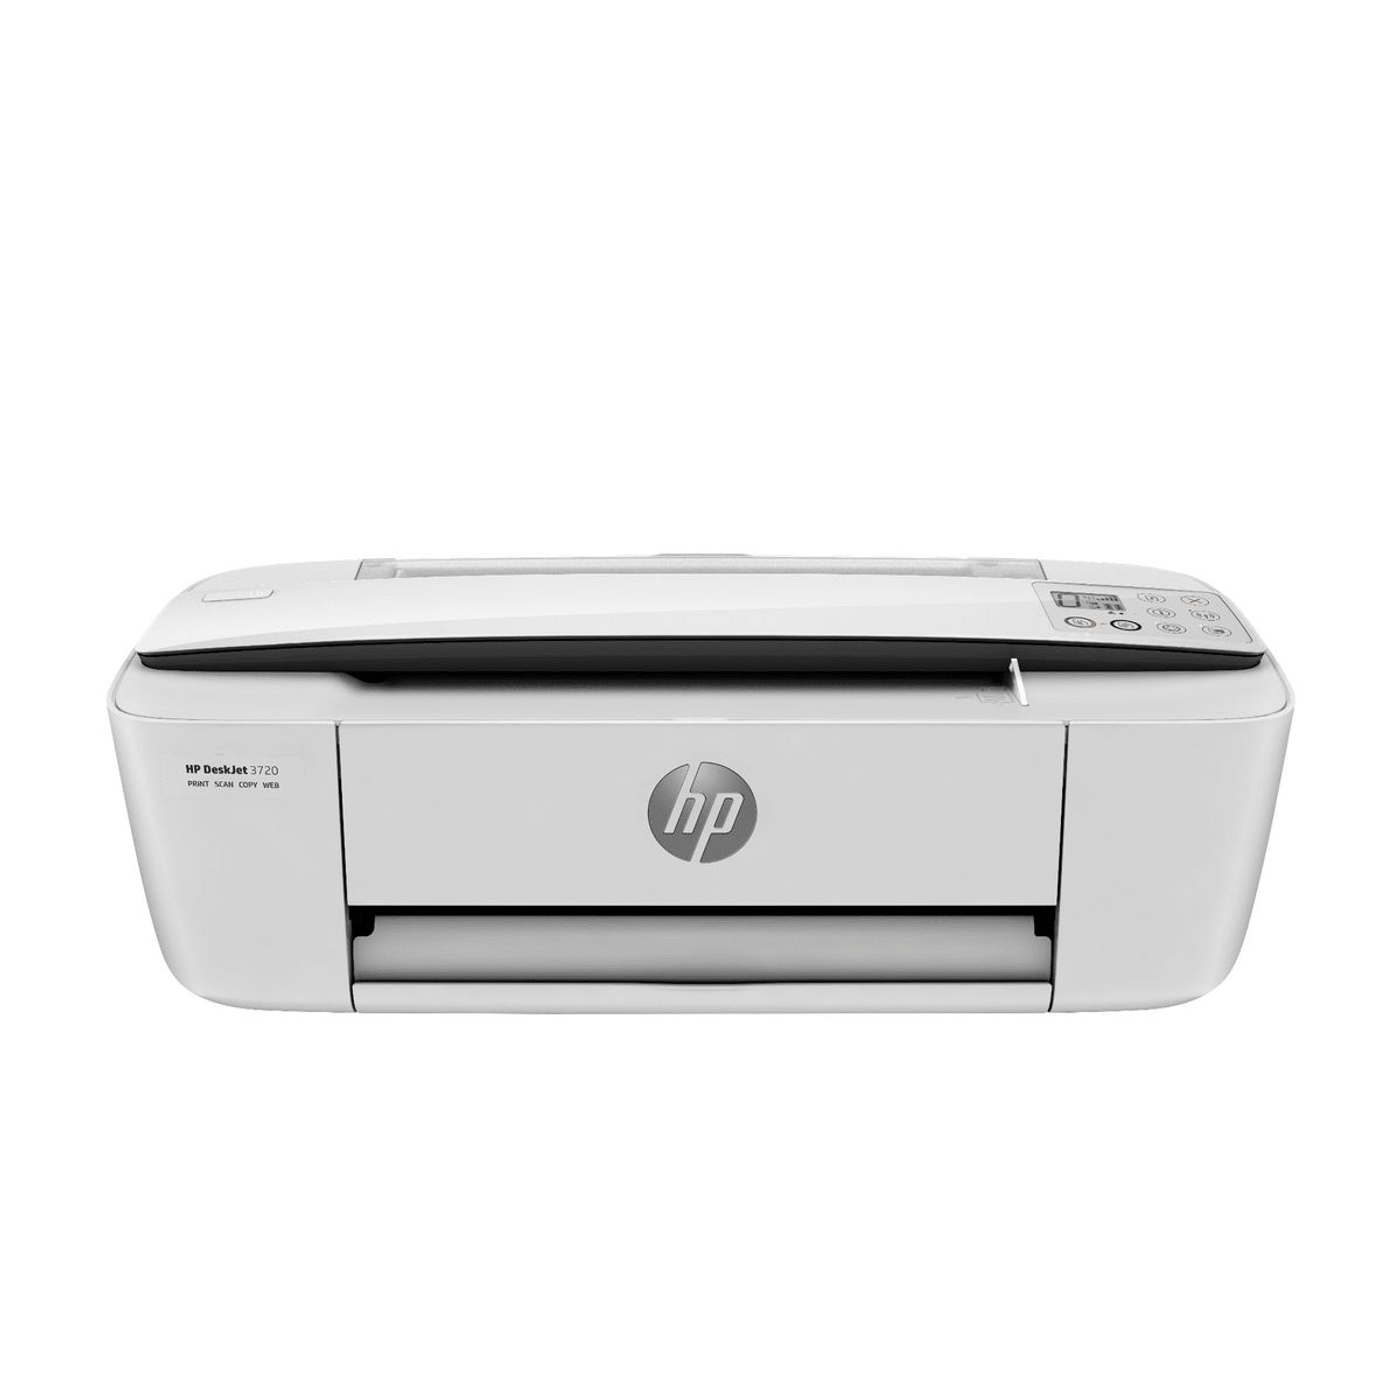 Hp deskjet 3720 drucker kopierer scanner wireless for Drucker scanner kopierer